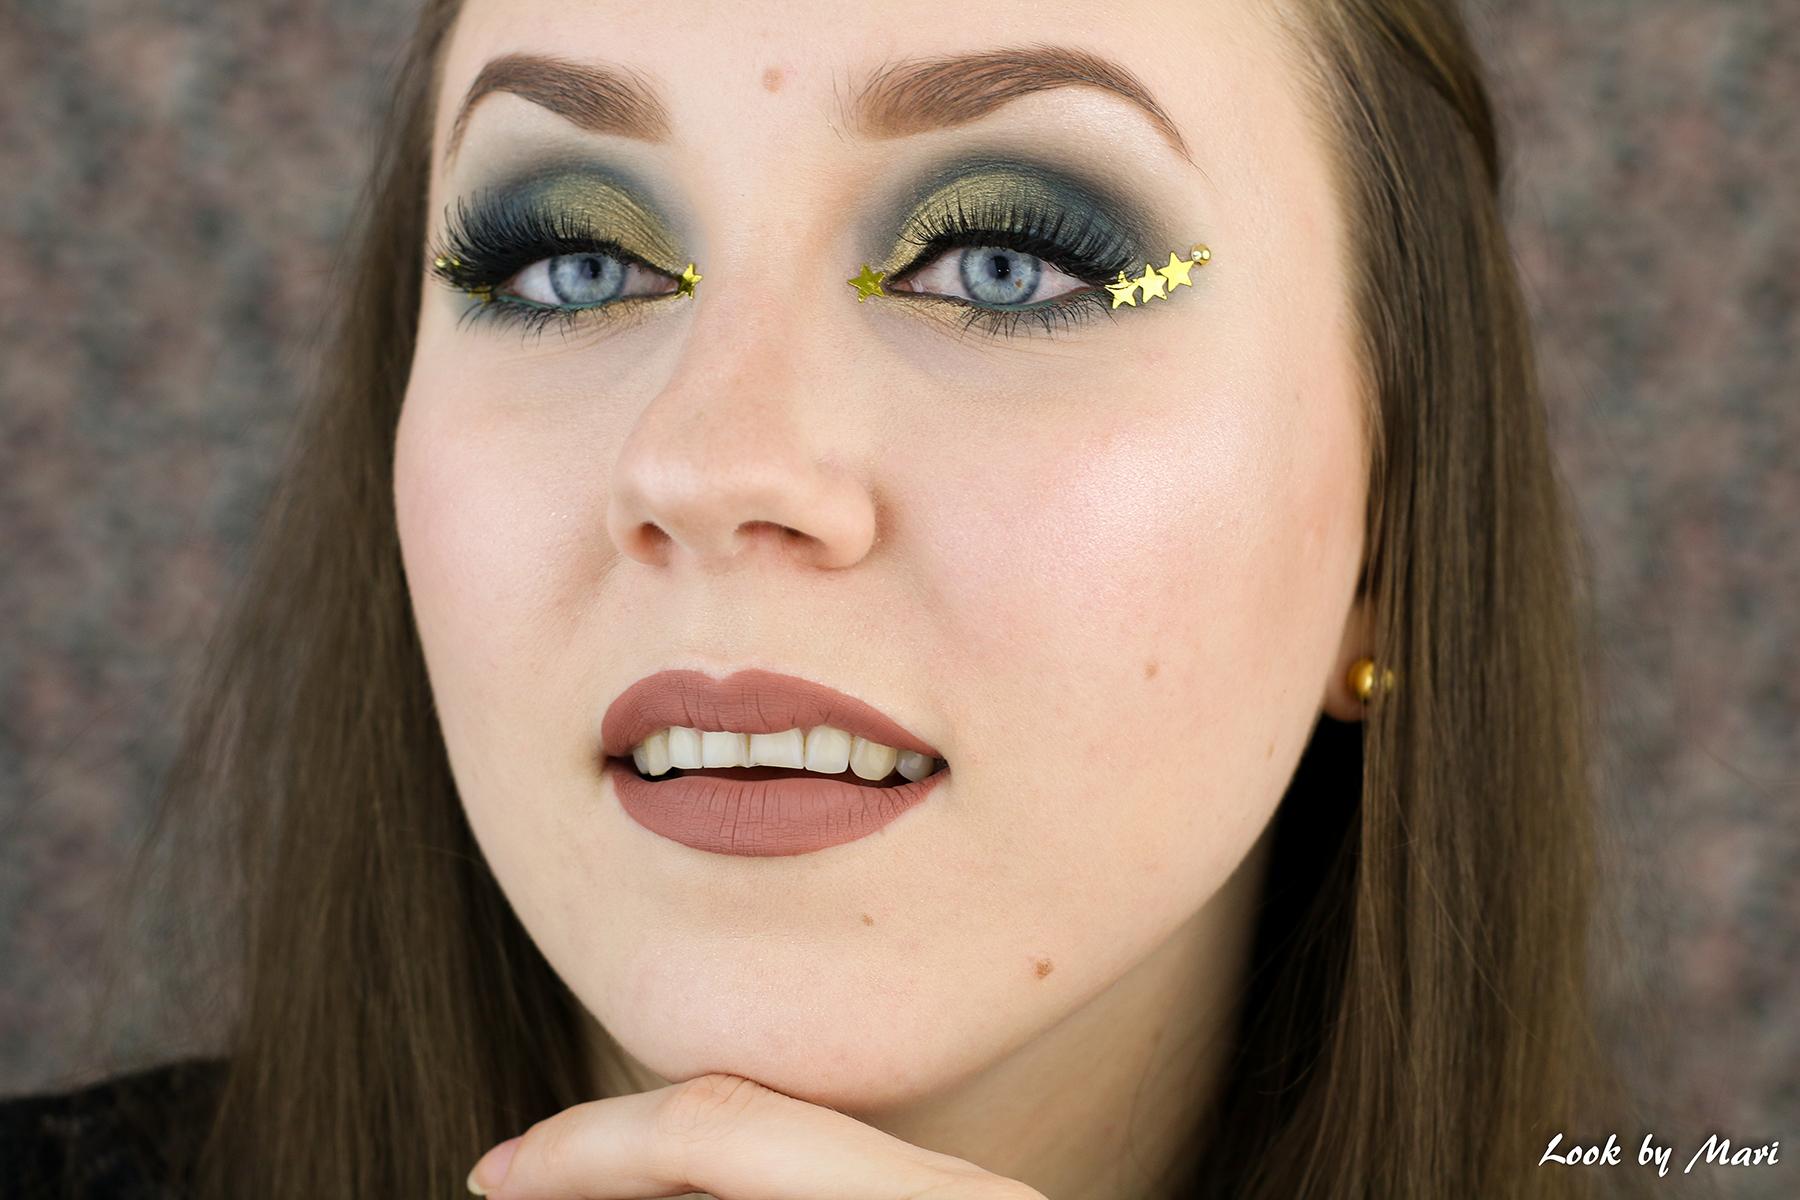 2 jeffree star cosmetics celebrity skin velour liquid lipstick kokemuksia matta puna vaalealla iholla